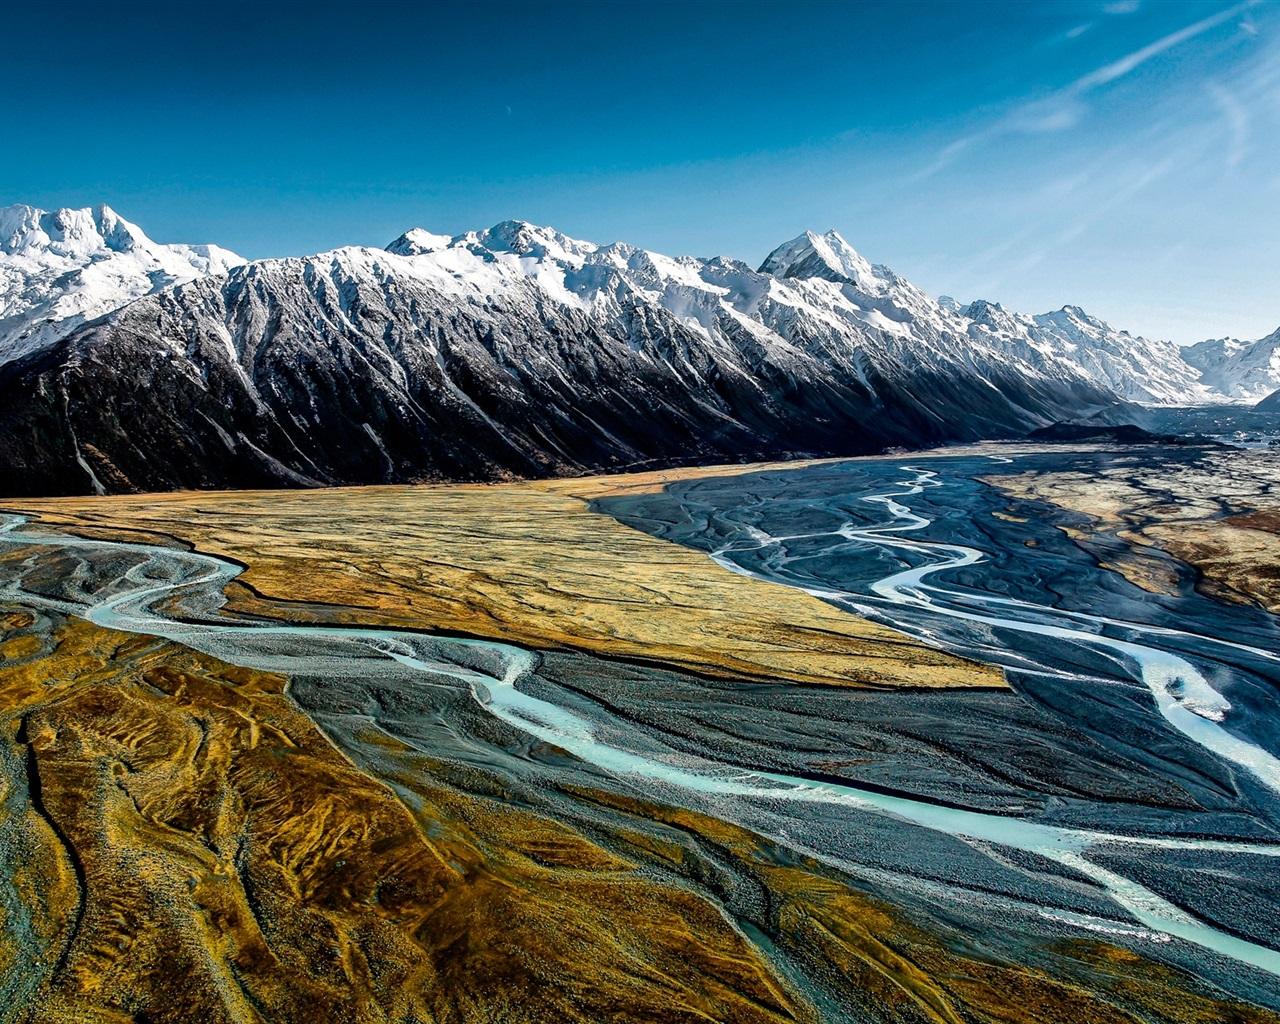 배경 화면 후커 밸리, 아오 라키 마운트 쿡, 뉴질랜드, 산, 강 1920x1200 HD 그림, 이미지